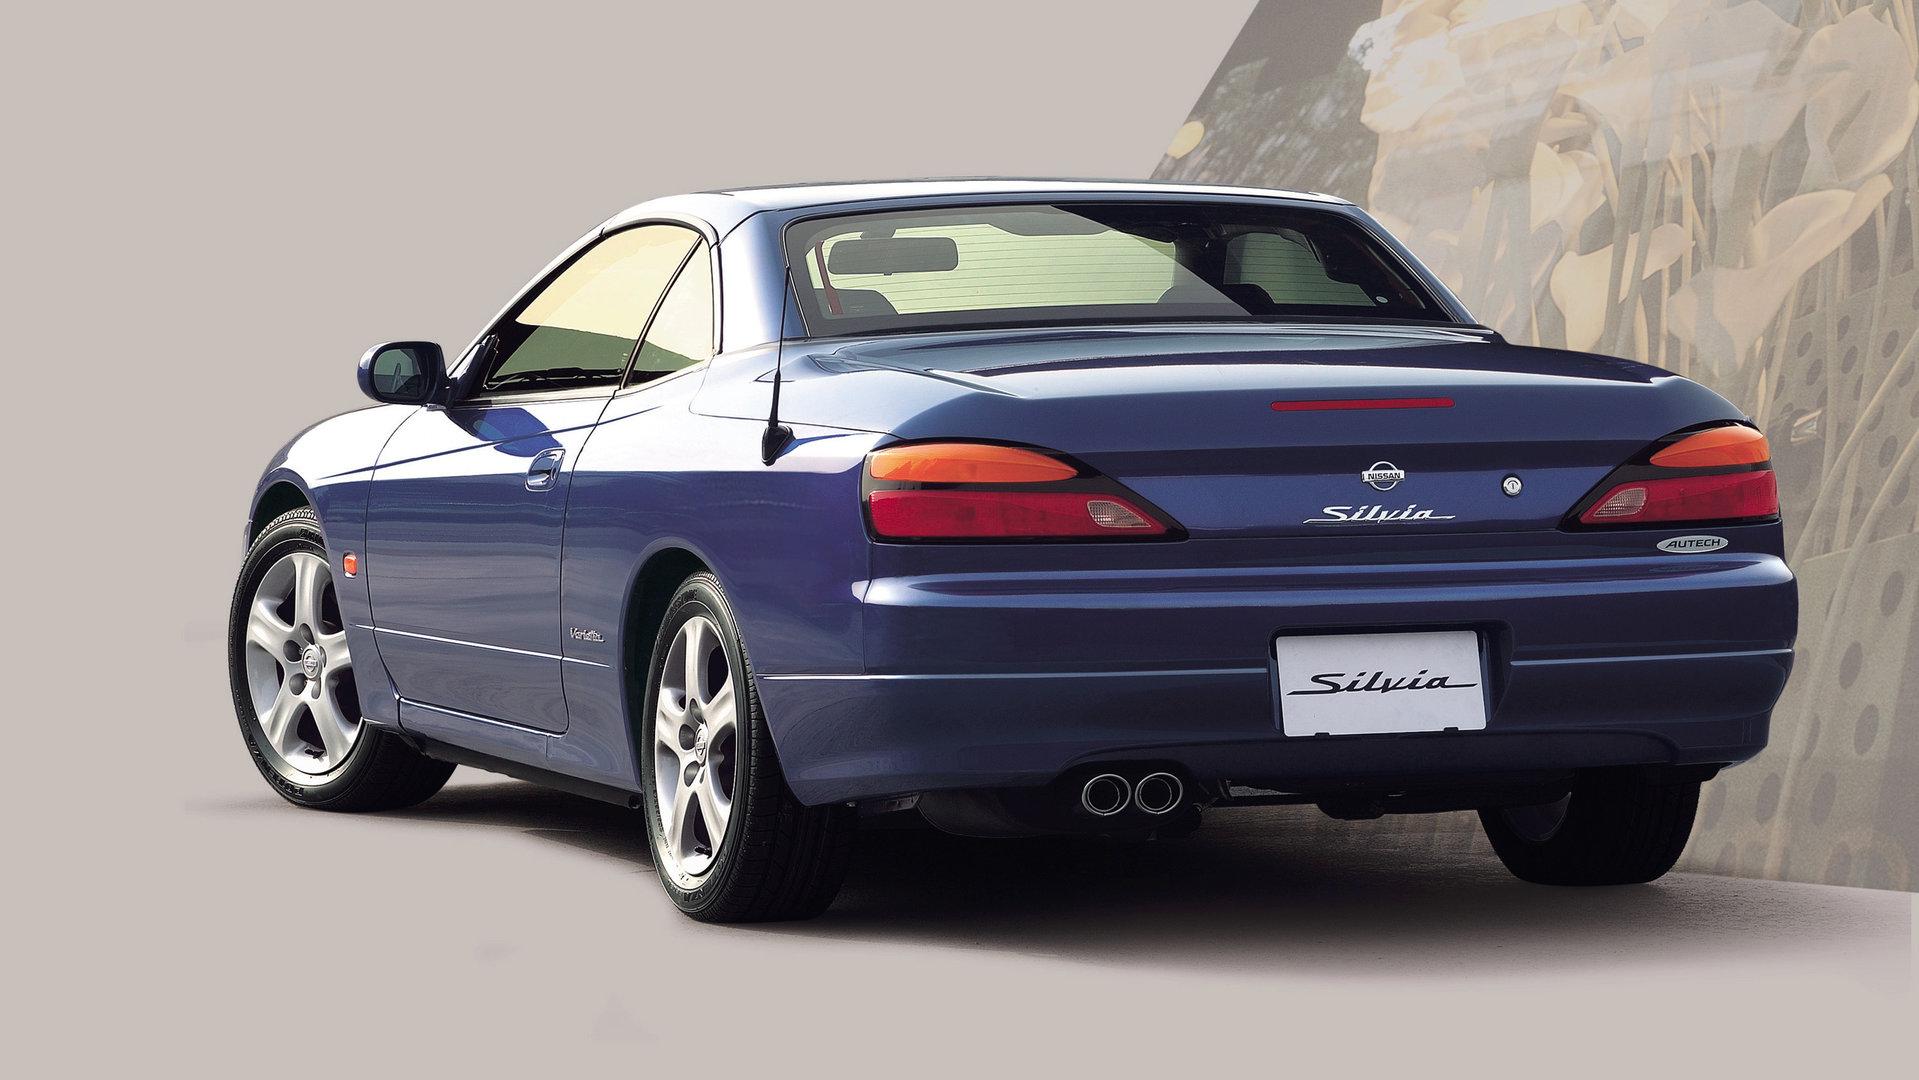 Autech Nissan Silvia Varietta S15 3